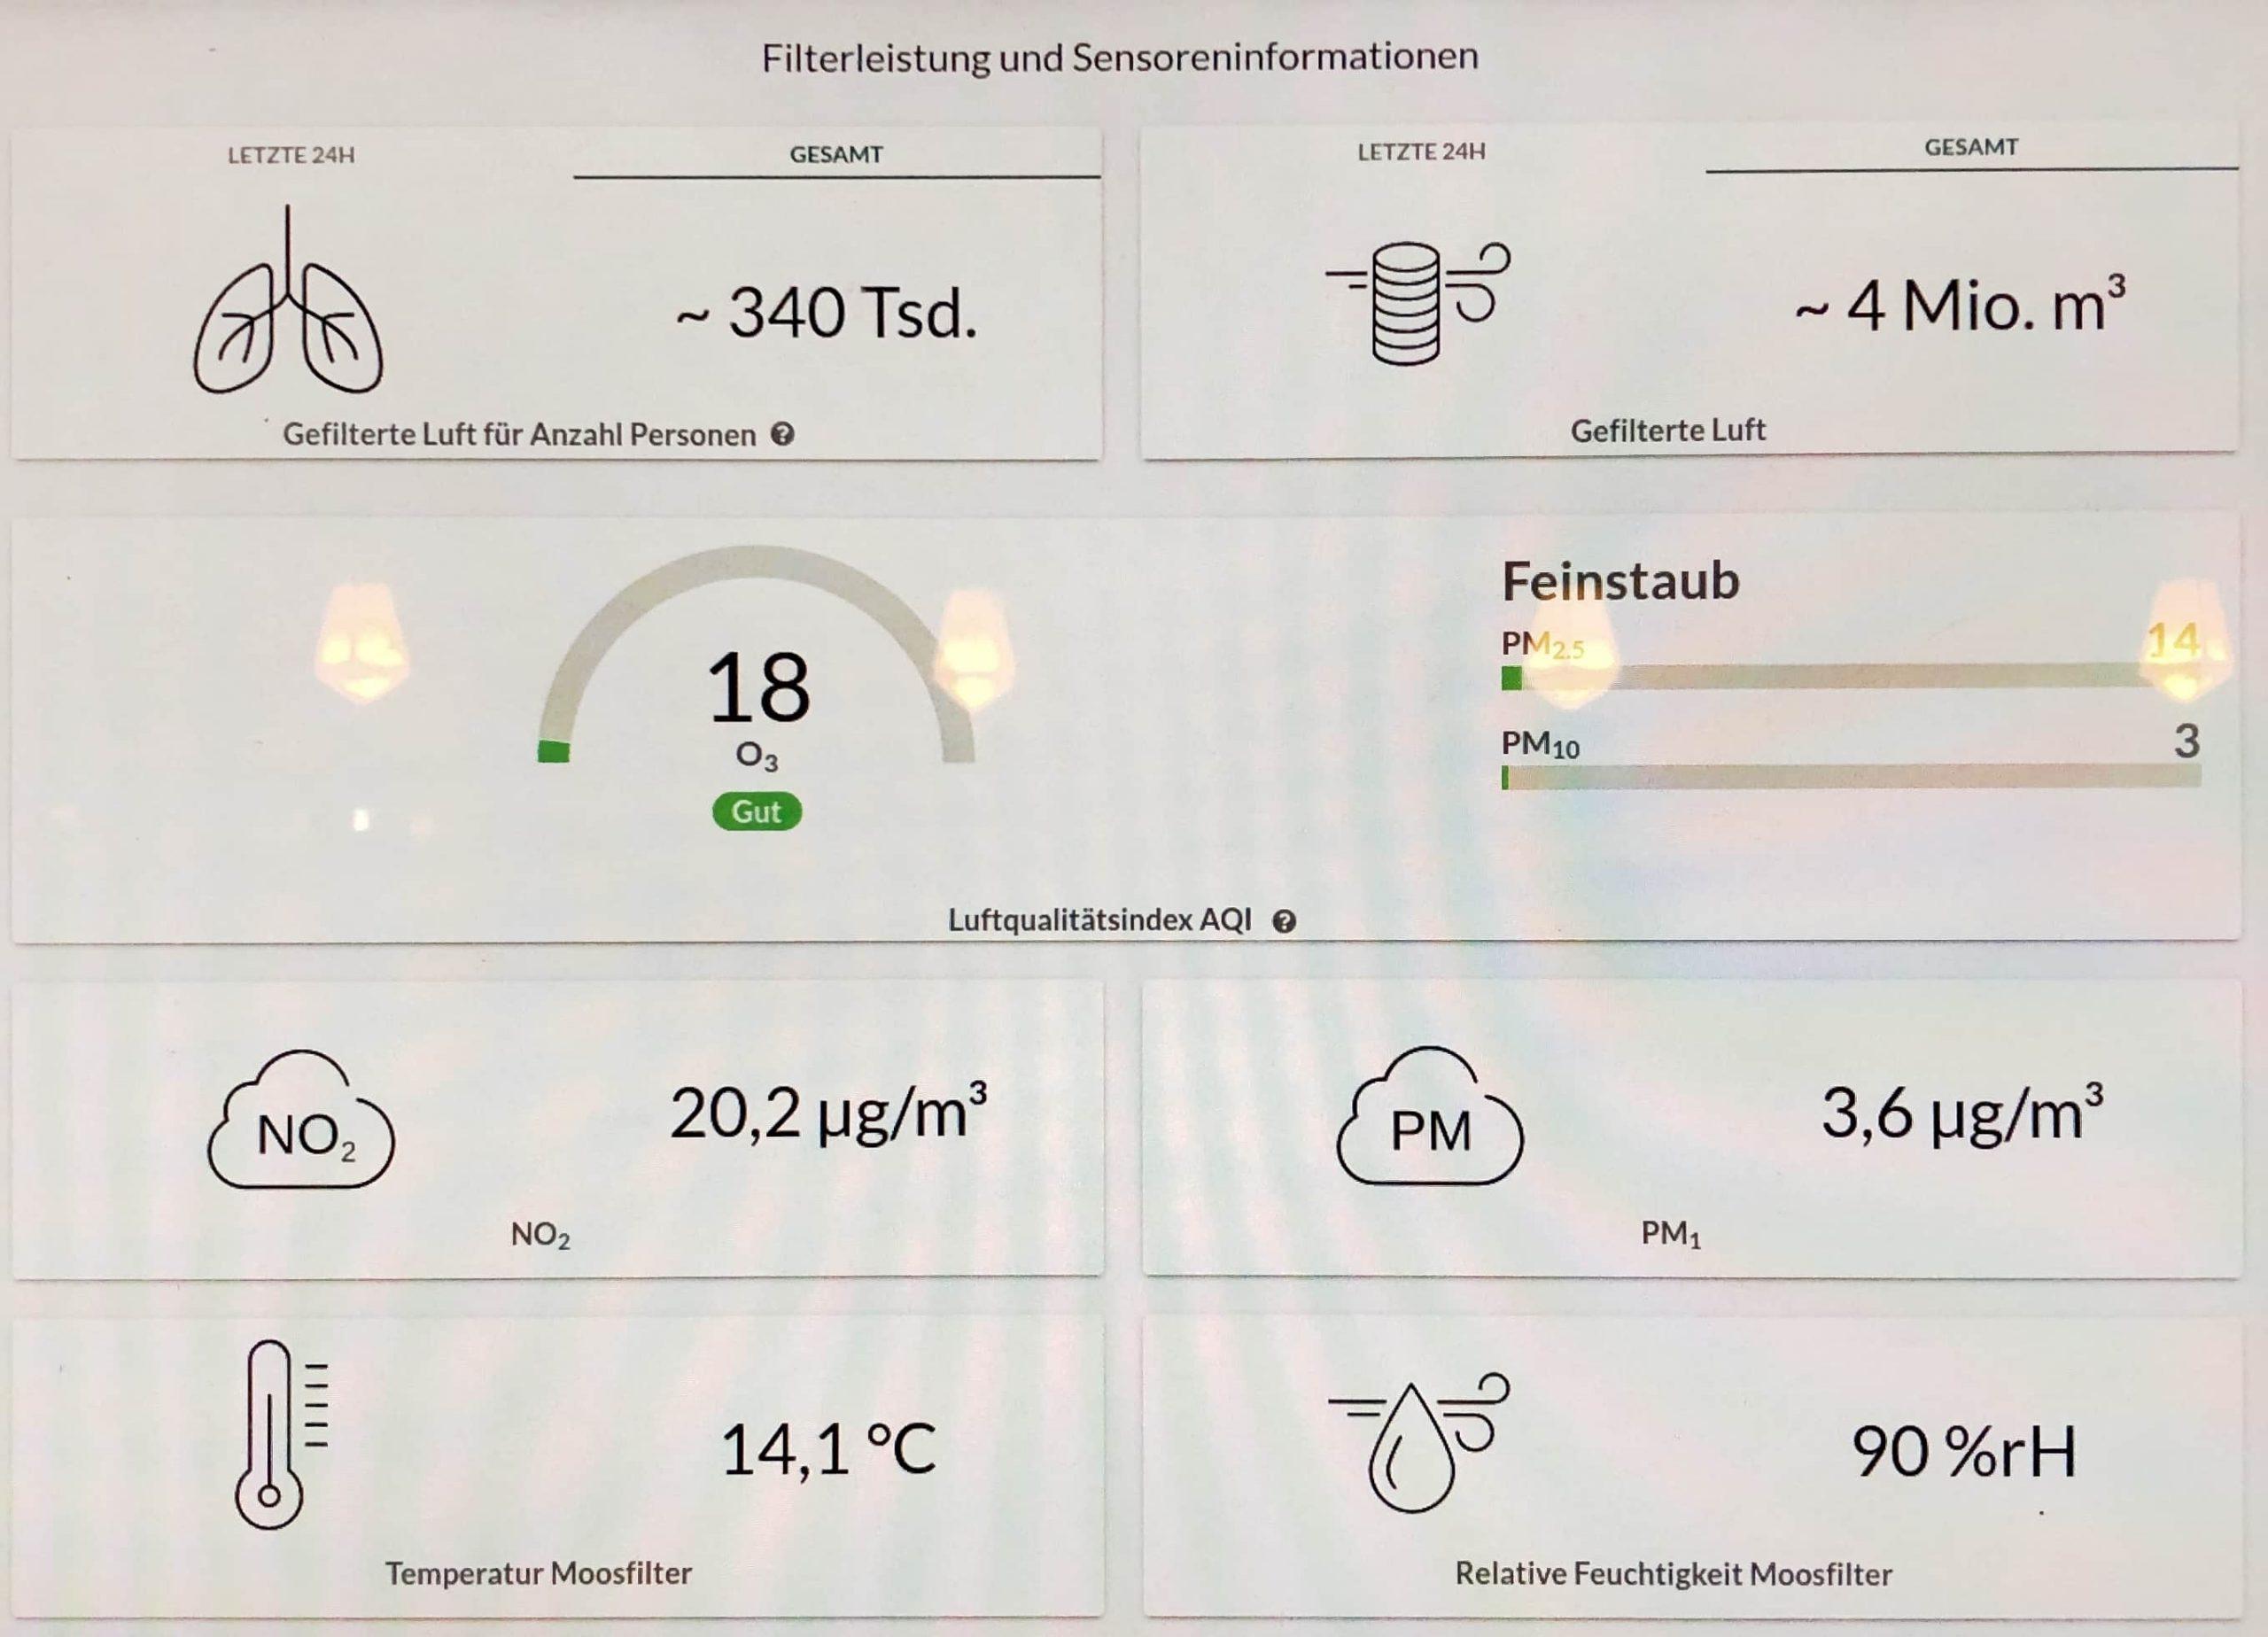 Daten-Dashboard der 6 City Trees auf dem Walter-Benjamin-Platz.